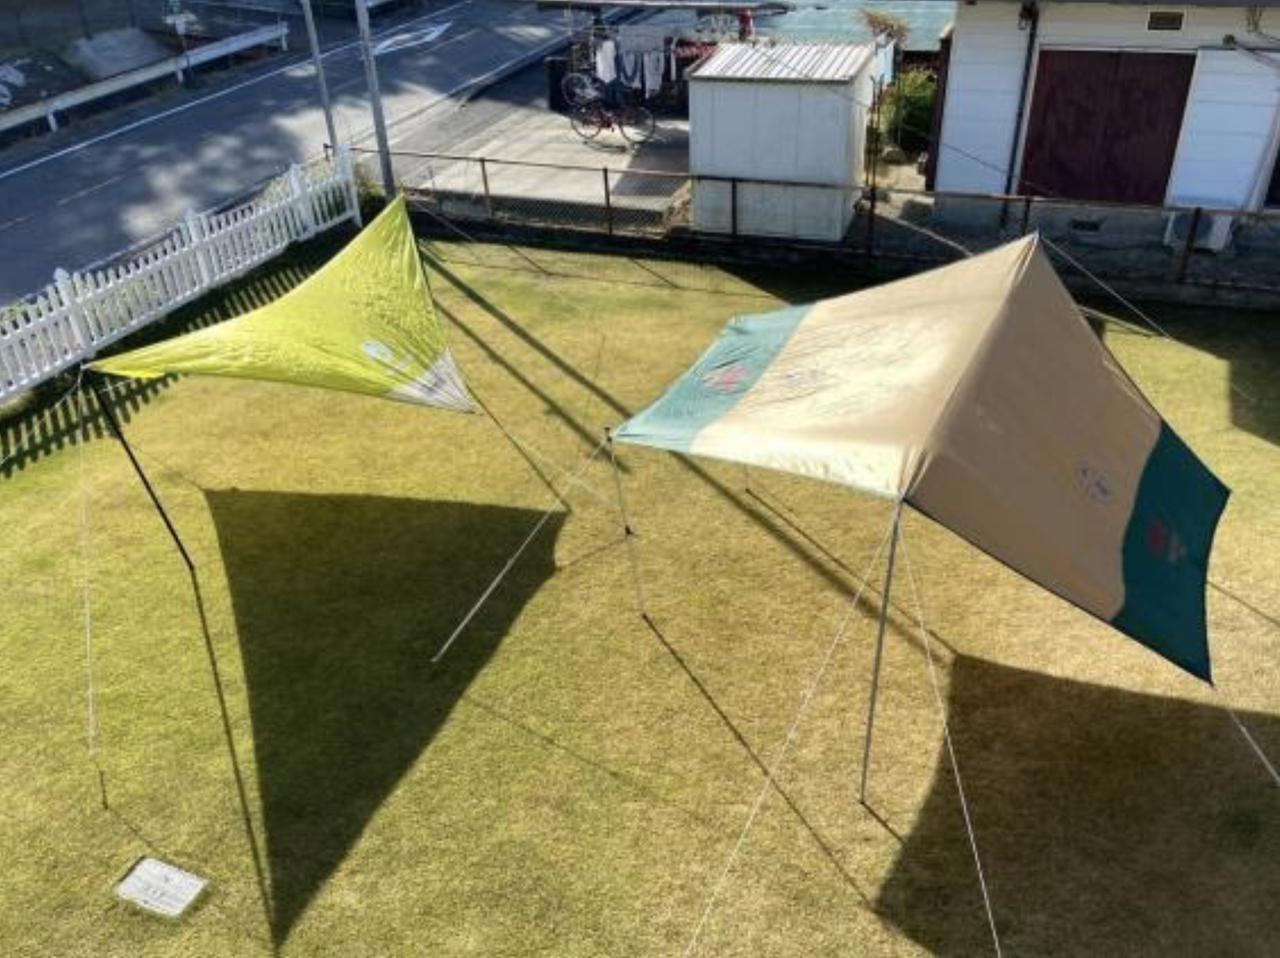 画像: 【キャンプの基本シリーズ3】自在金具の使い方を含めた『タープの張り方』 - ハピキャン|キャンプ・アウトドア情報メディア